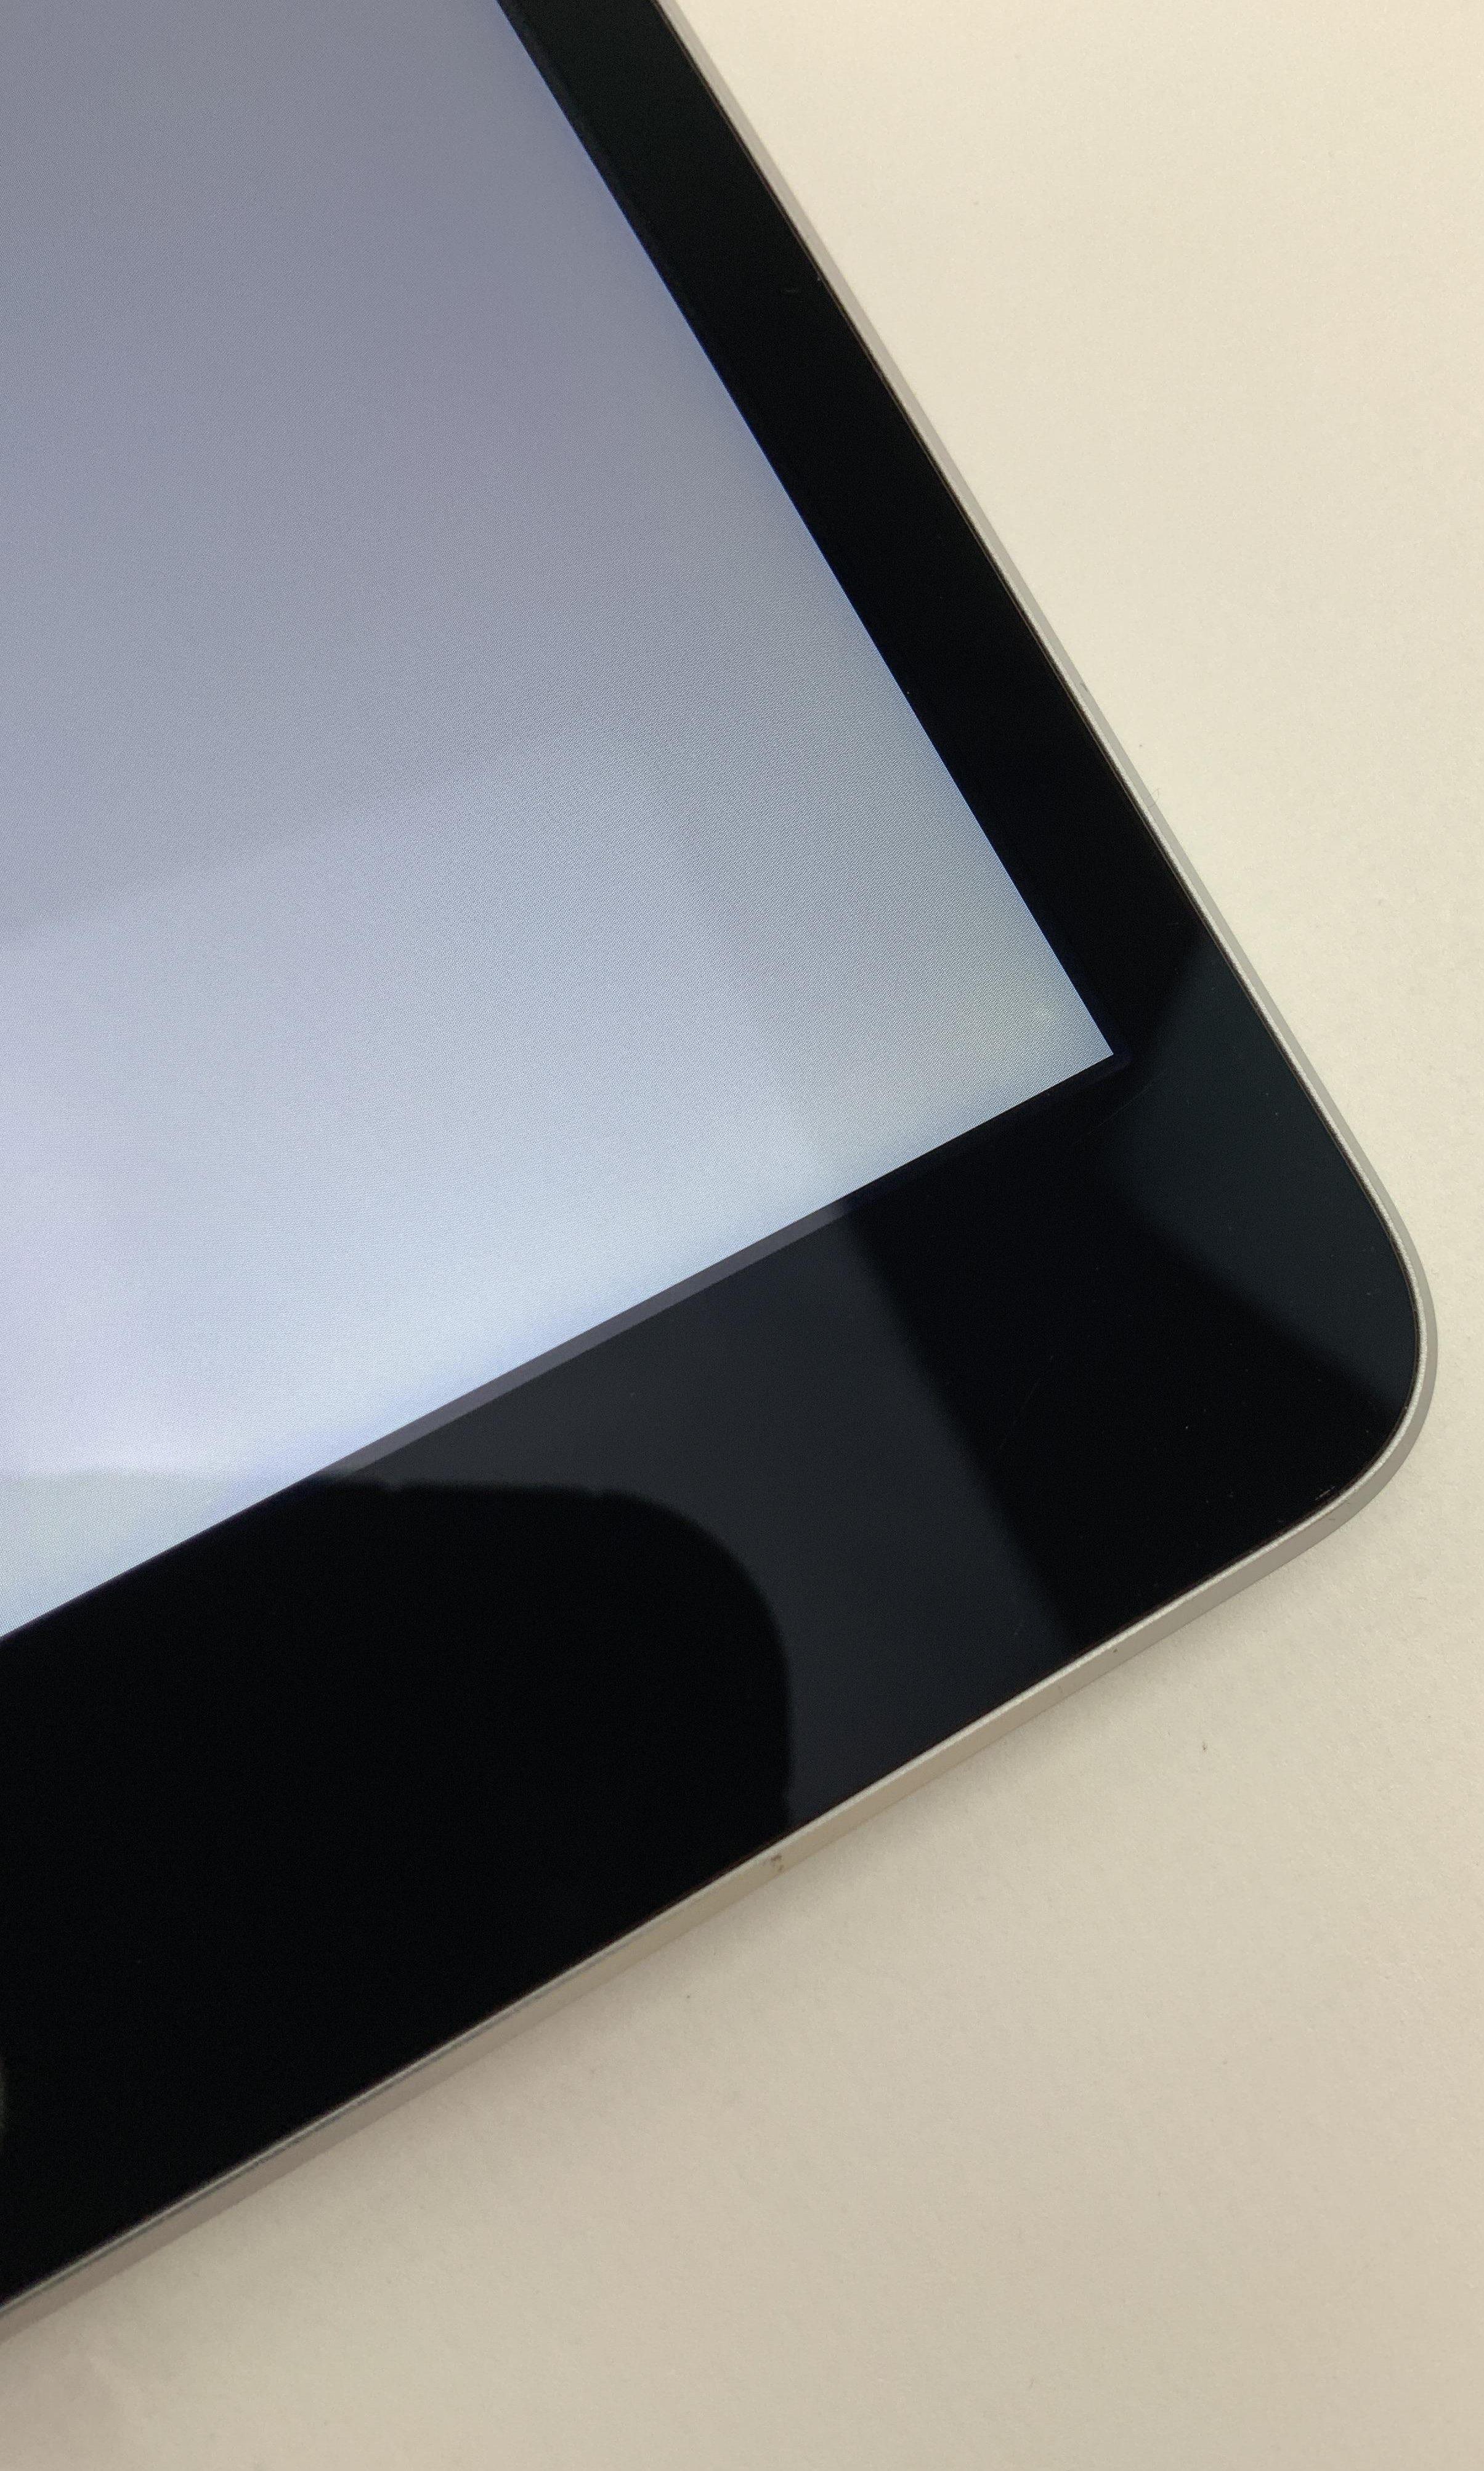 iPad mini 4 Wi-Fi + Cellular 128GB, 128GB, Space Gray, obraz 5